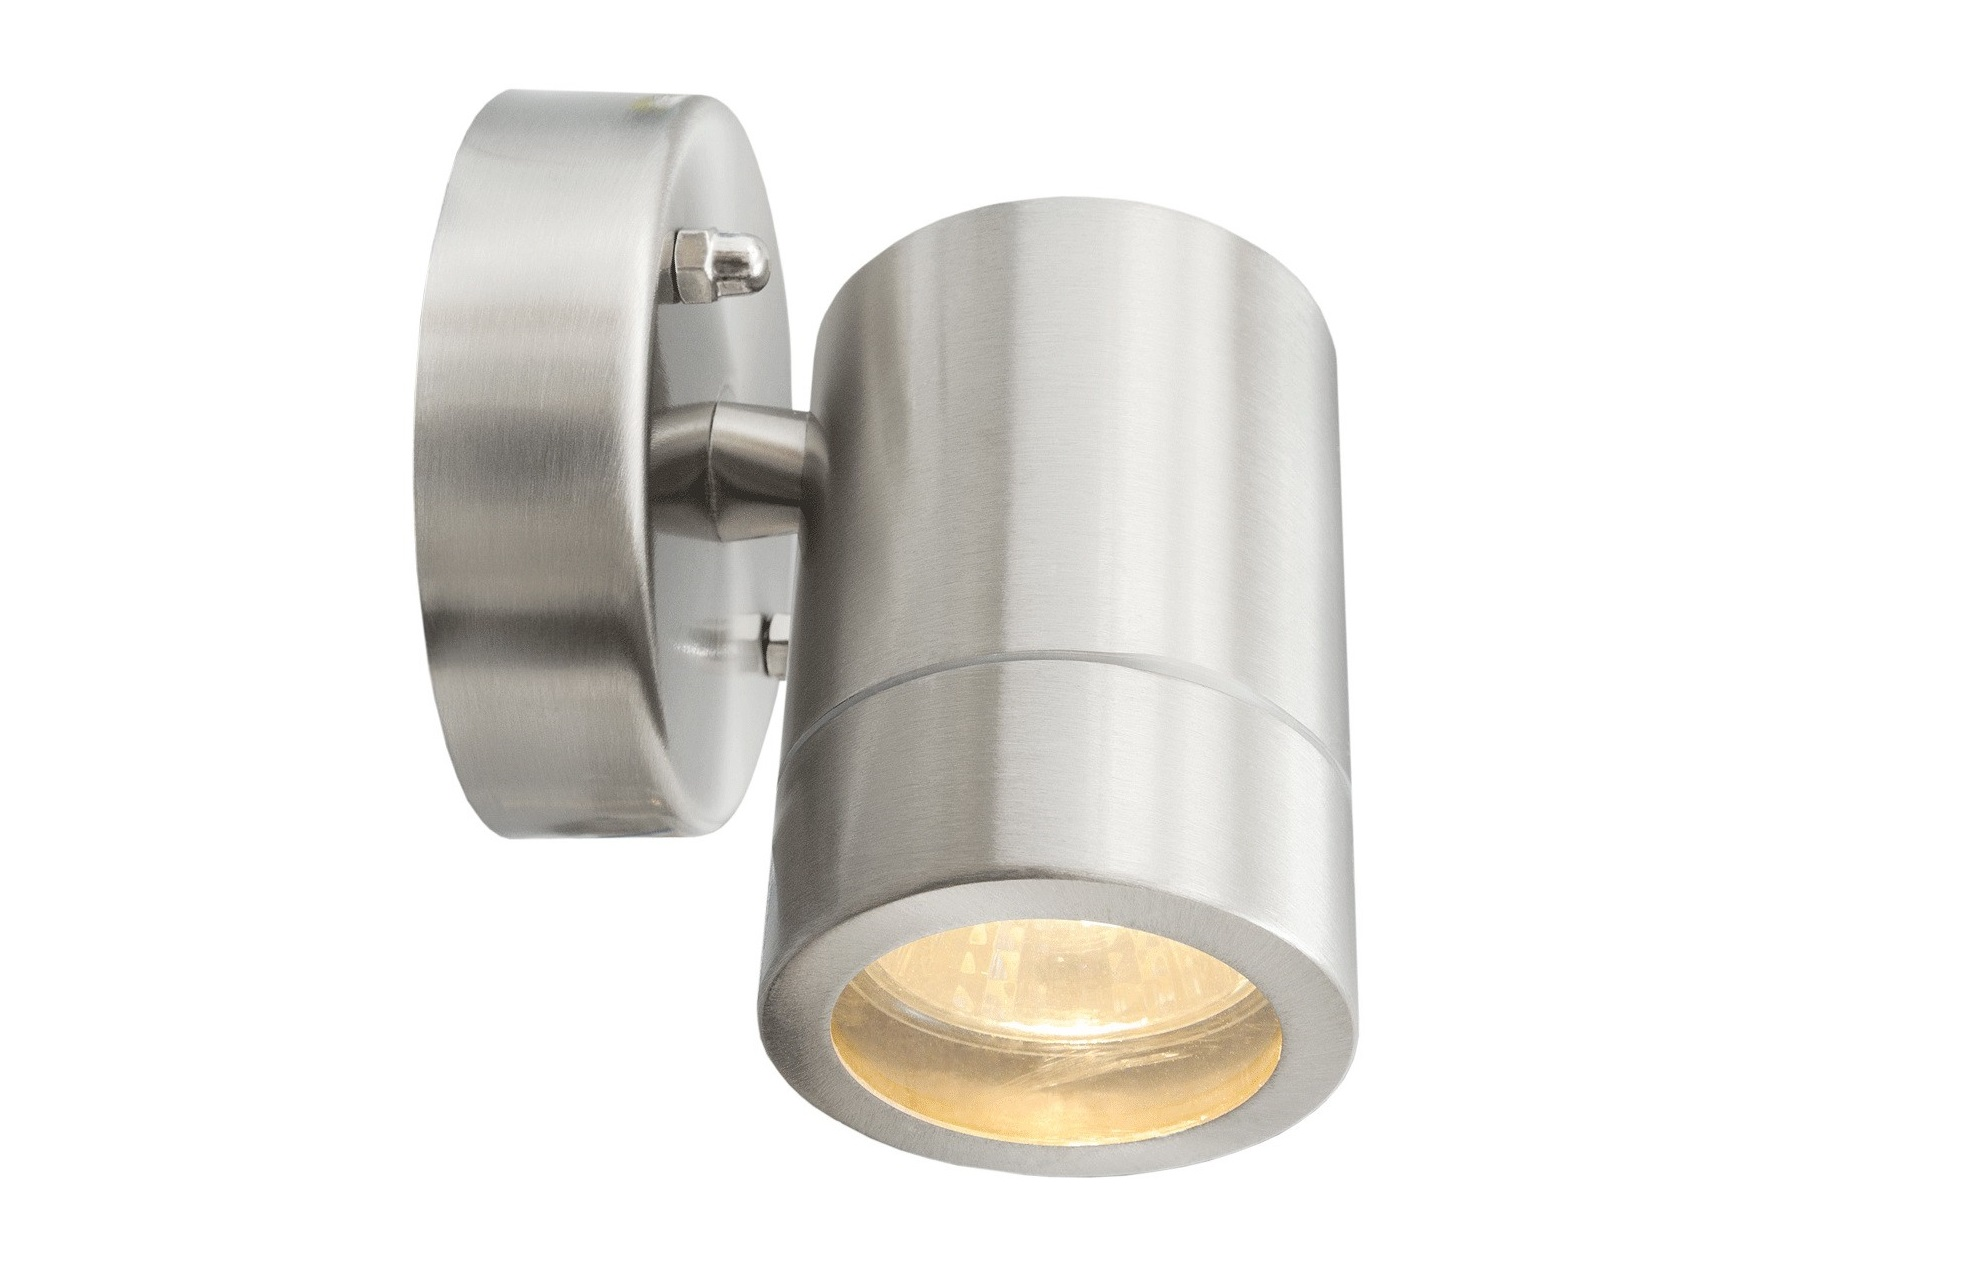 Спот меркурий (mw-light) серебристый 12.0x10.0x9.0 см. фото